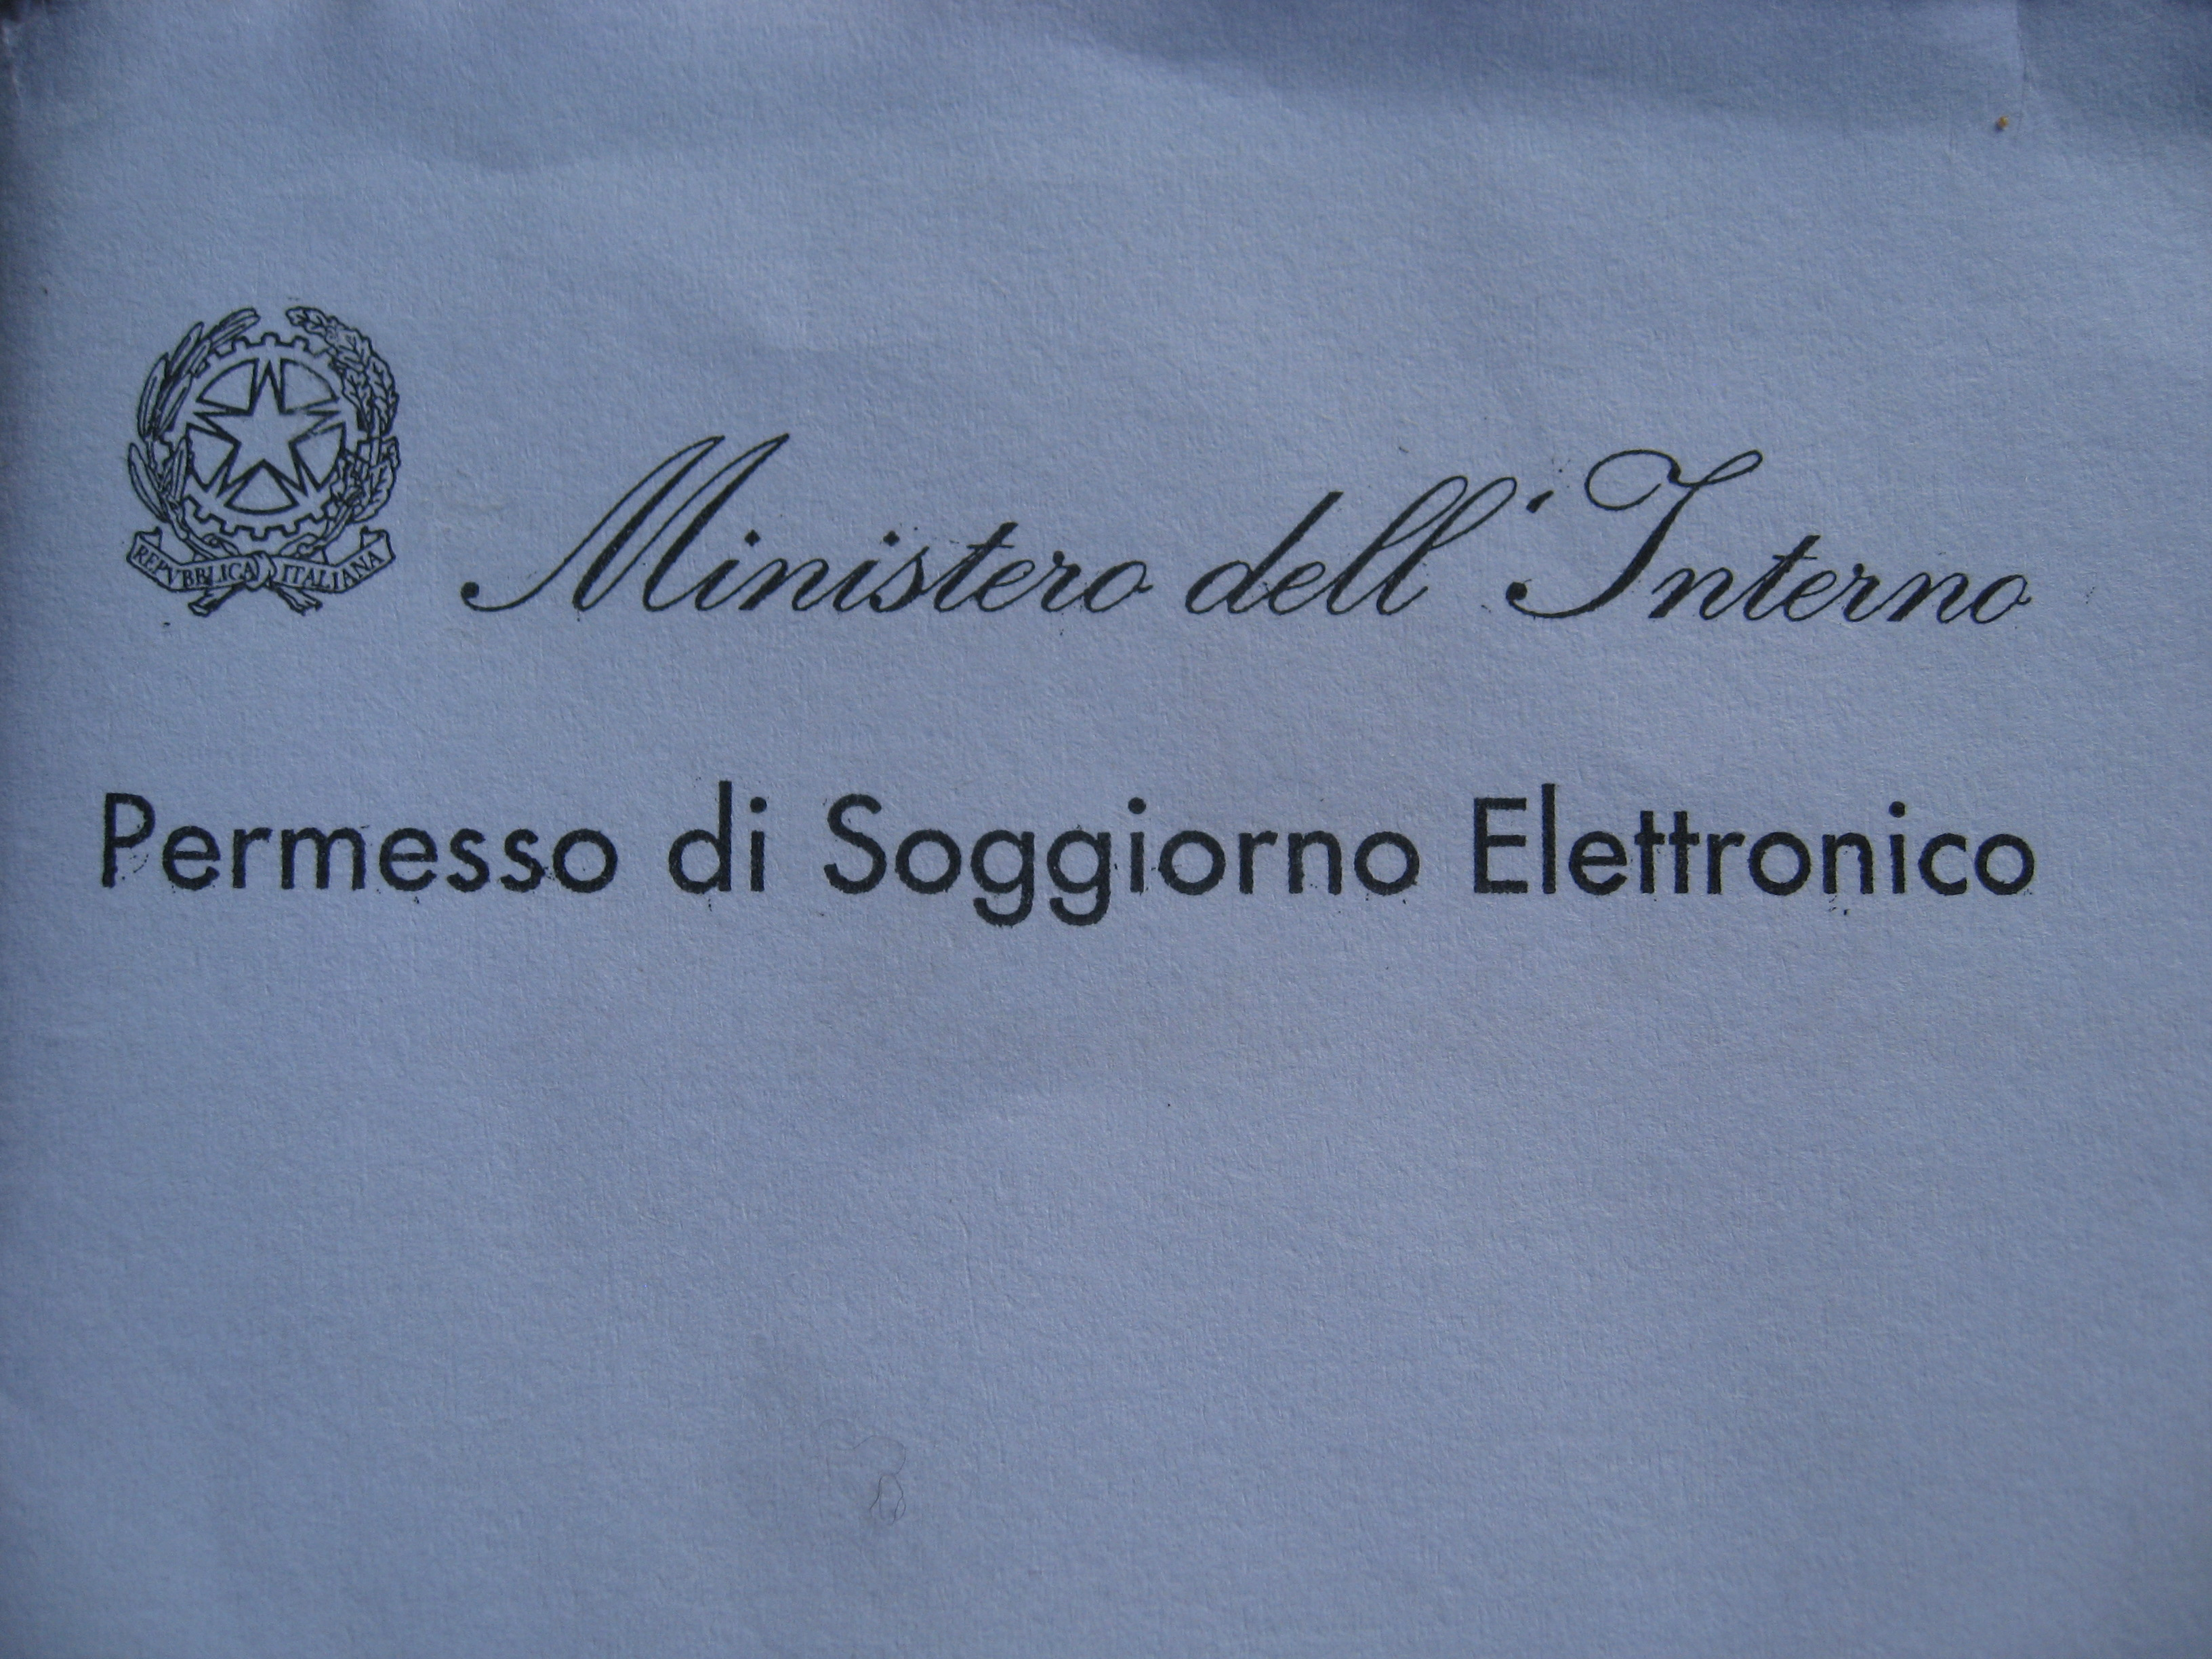 Permesso di Soggiorno – Working Holiday visas | Tali Goes ...